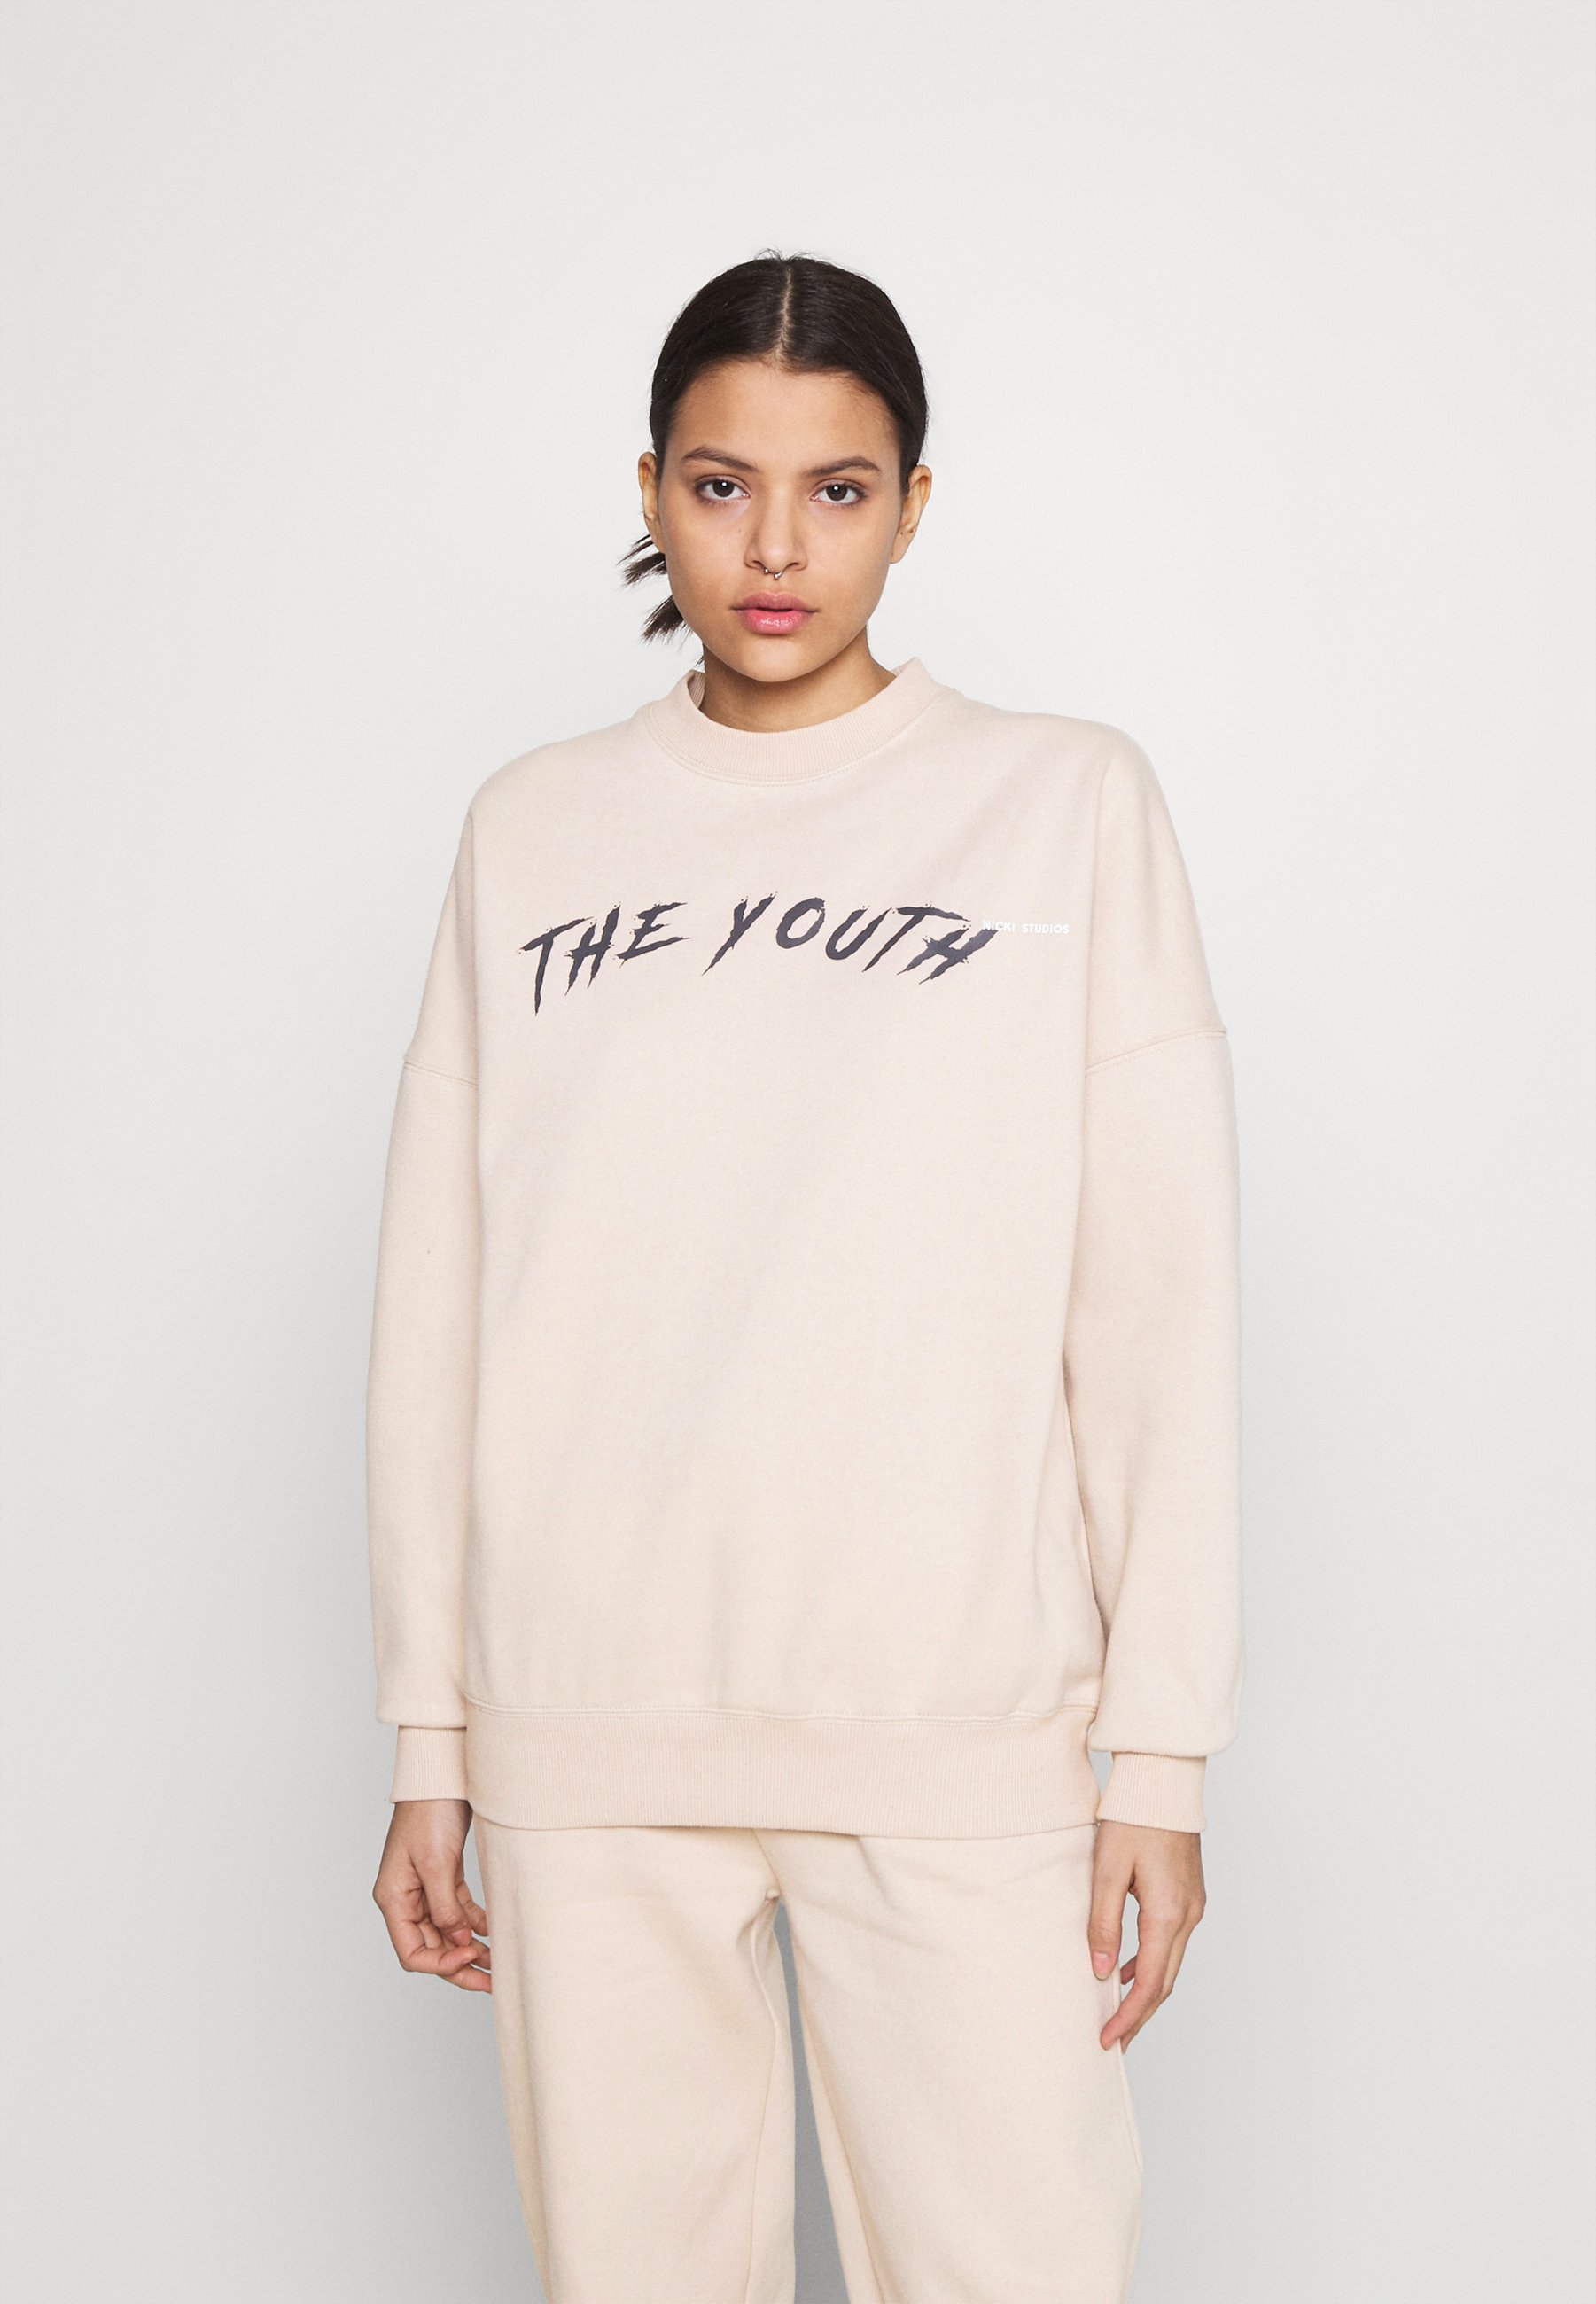 Women YOUTHCOLLAGECREWNECK - Sweatshirt